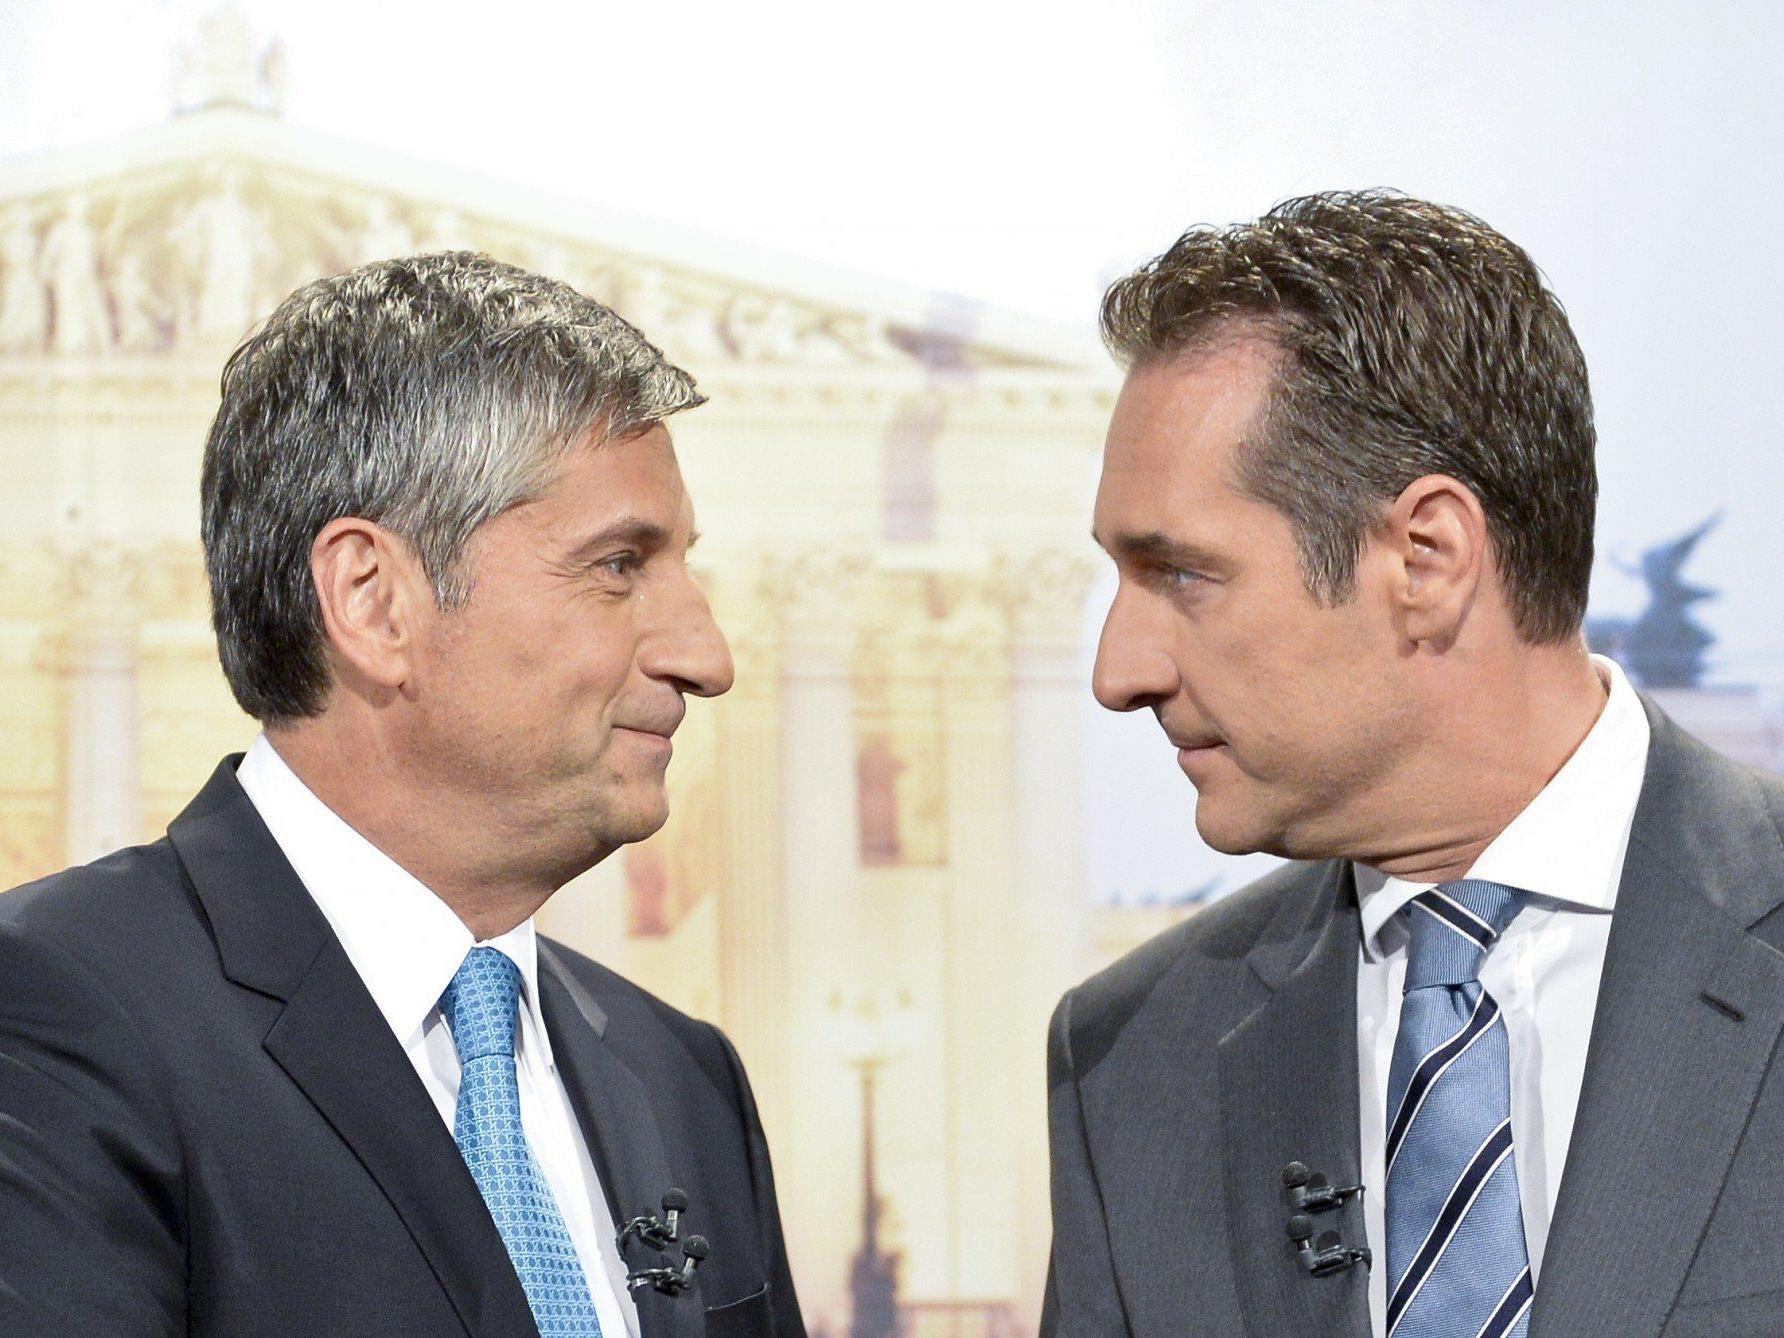 Koalition zwischen ÖVP und FPÖ möglich?